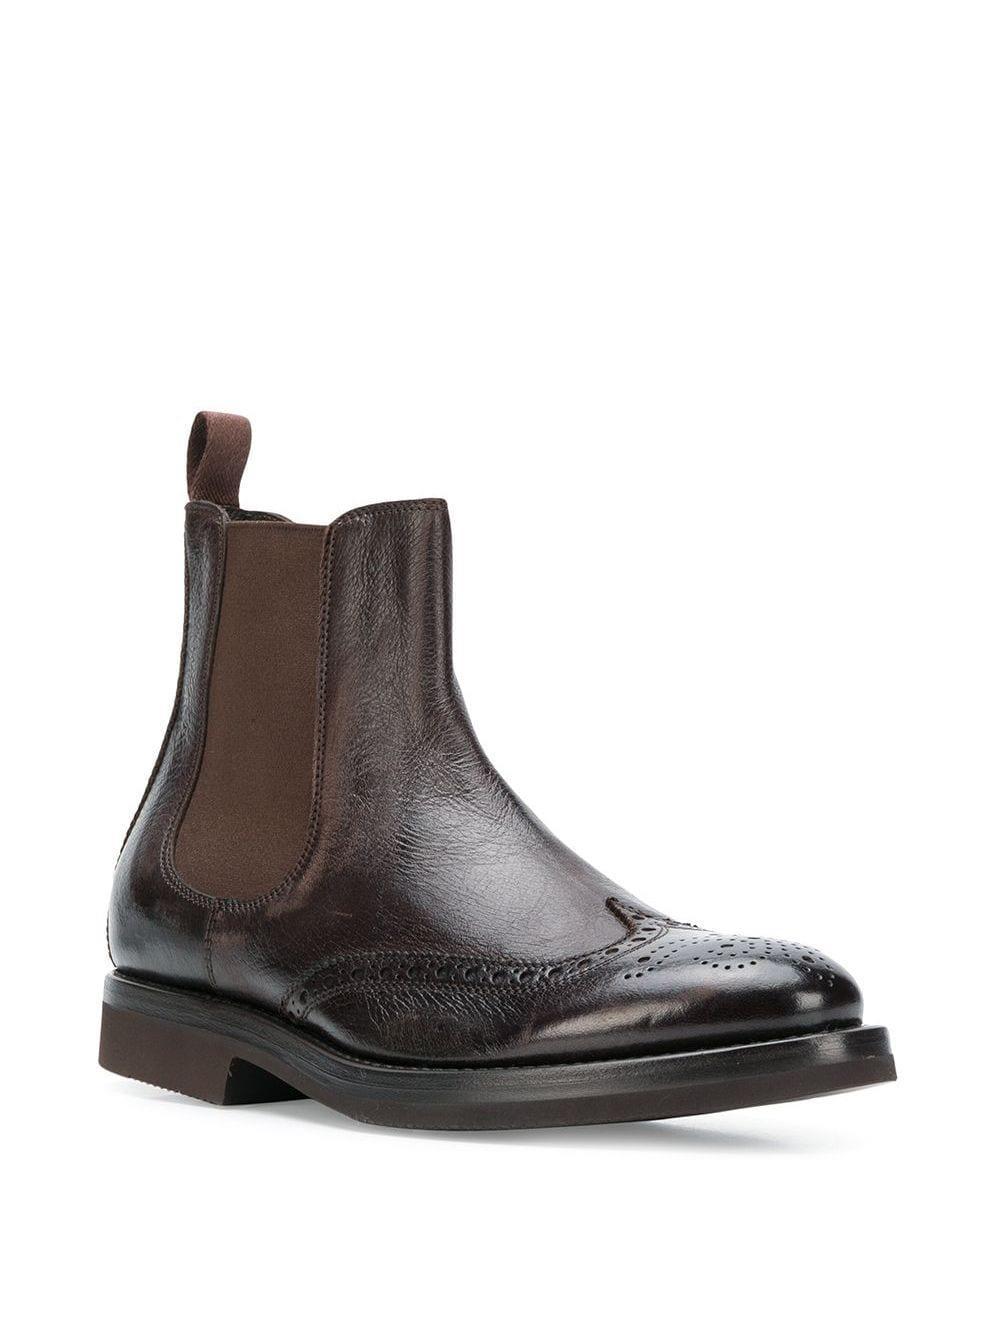 Henderson Leer Brogue Chelsea Boots in het Bruin voor heren